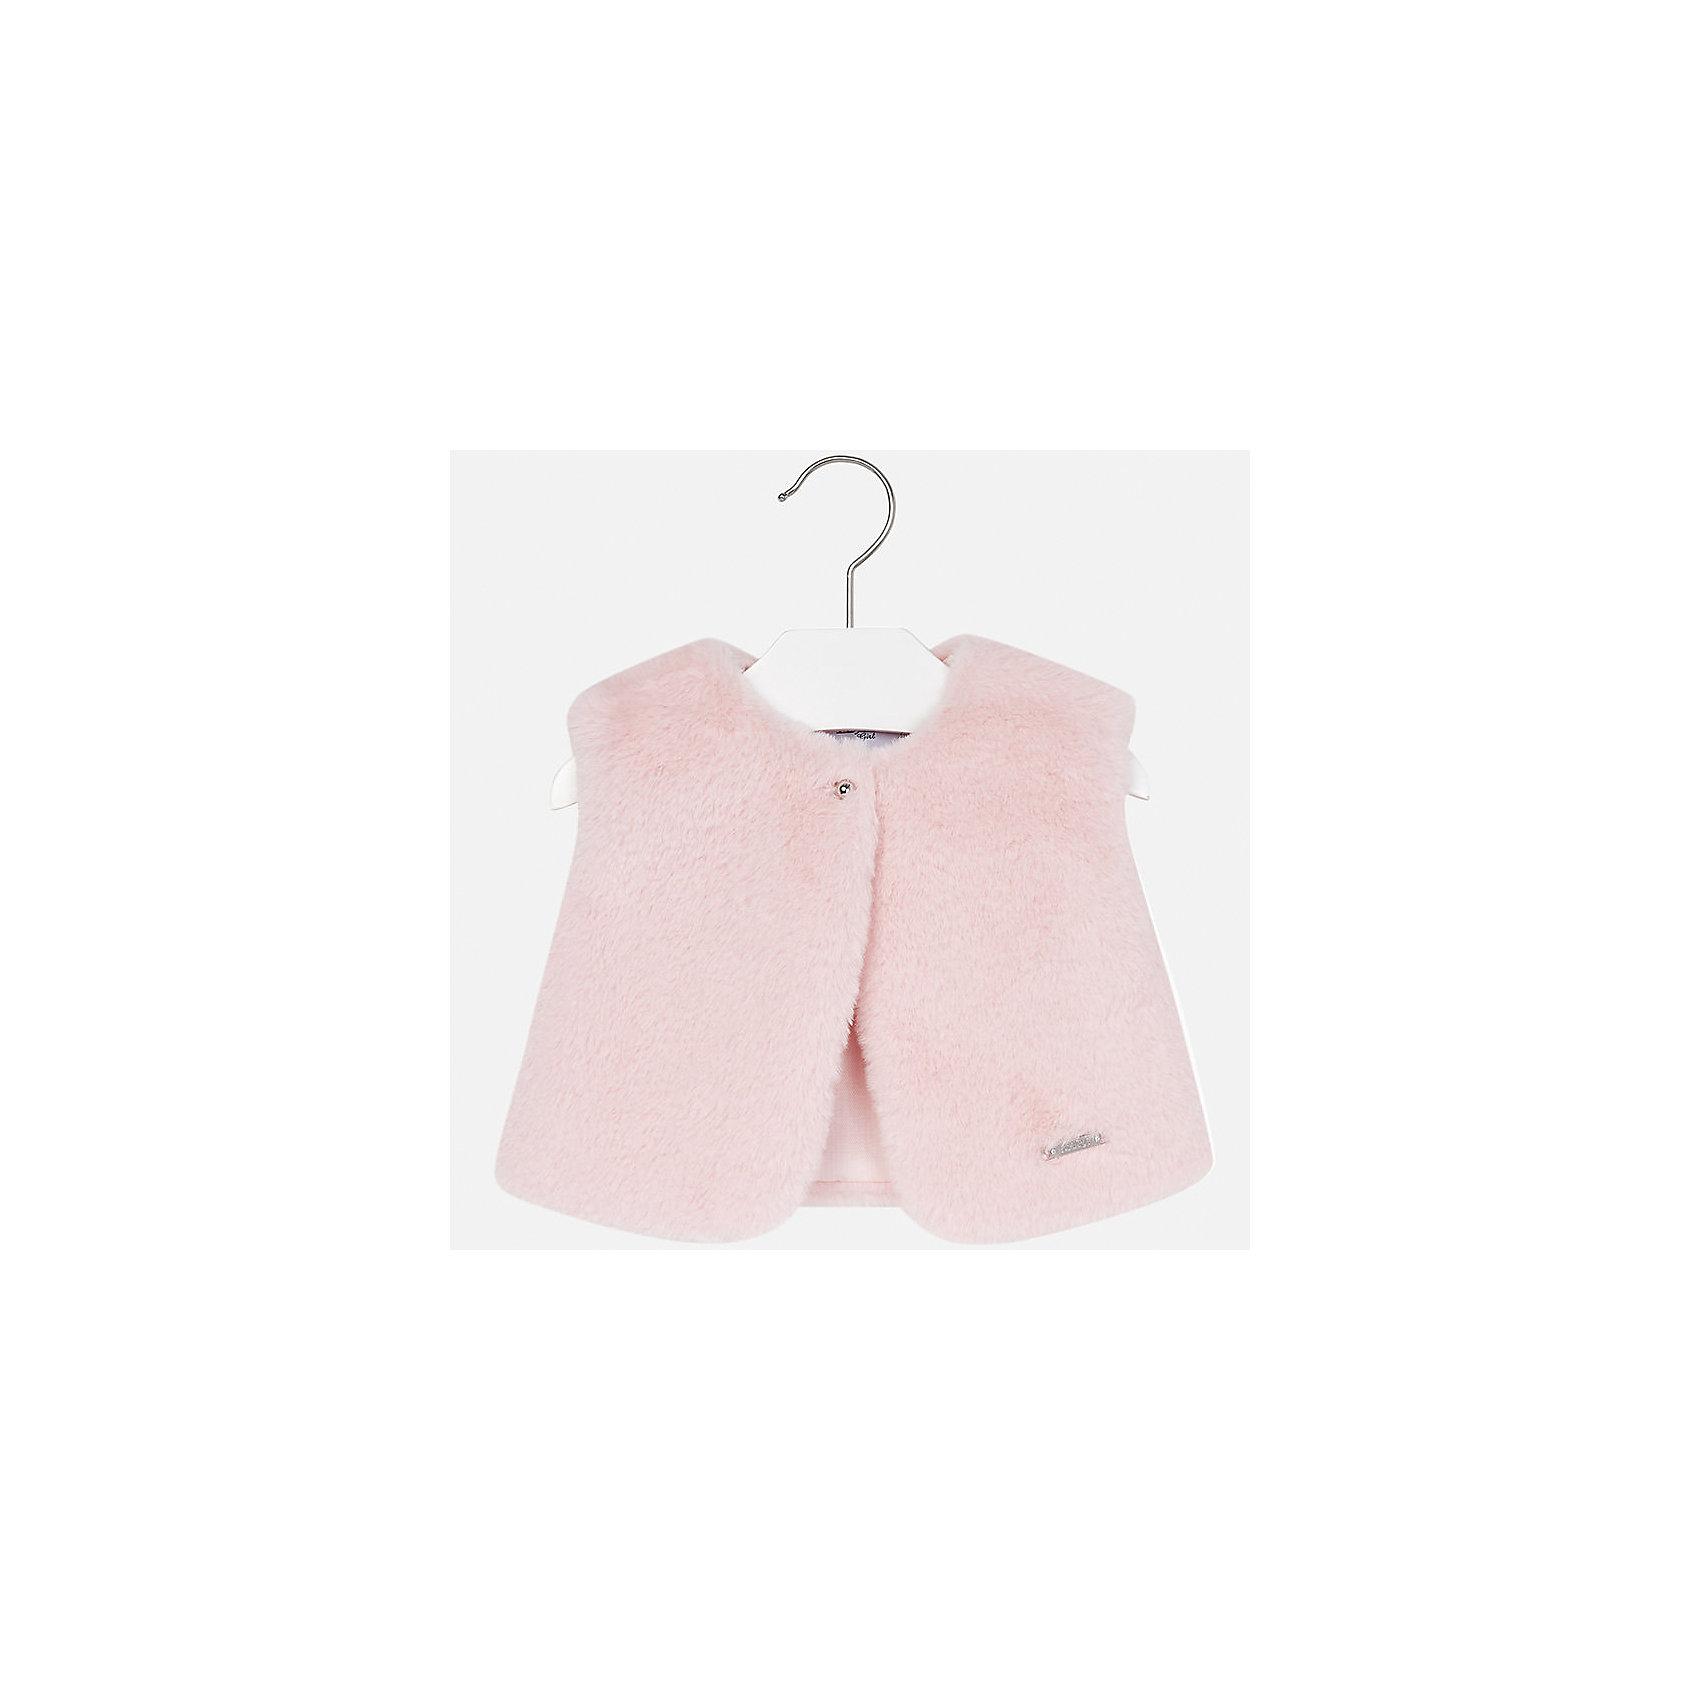 Жилет Mayoral для девочкиВерхняя одежда<br>Характеристики товара:<br><br>• цвет: розовый<br>• состав ткани: верх - полиэстер, подкладка - 50% хлопок, 50% полиэстер<br>• сезон: демисезон<br>• особенности: искусственный мех<br>• застежка: пуговица<br>• без рукавов<br>• страна бренда: Испания<br>• страна изготовитель: Индия<br><br>Теплый детский жилет сделан из приятного на ощупь материала искусственного меха. Благодаря качественной подкладке детского жилета для девочки создаются комфортные условия для тела. Меховой жилет для девочки отличается стильным продуманным дизайном.<br><br>Жилет для девочки для девочки Mayoral (Майорал) можно купить в нашем интернет-магазине.<br><br>Ширина мм: 190<br>Глубина мм: 74<br>Высота мм: 229<br>Вес г: 236<br>Цвет: розовый<br>Возраст от месяцев: 12<br>Возраст до месяцев: 15<br>Пол: Женский<br>Возраст: Детский<br>Размер: 80,98,86,92<br>SKU: 6920362